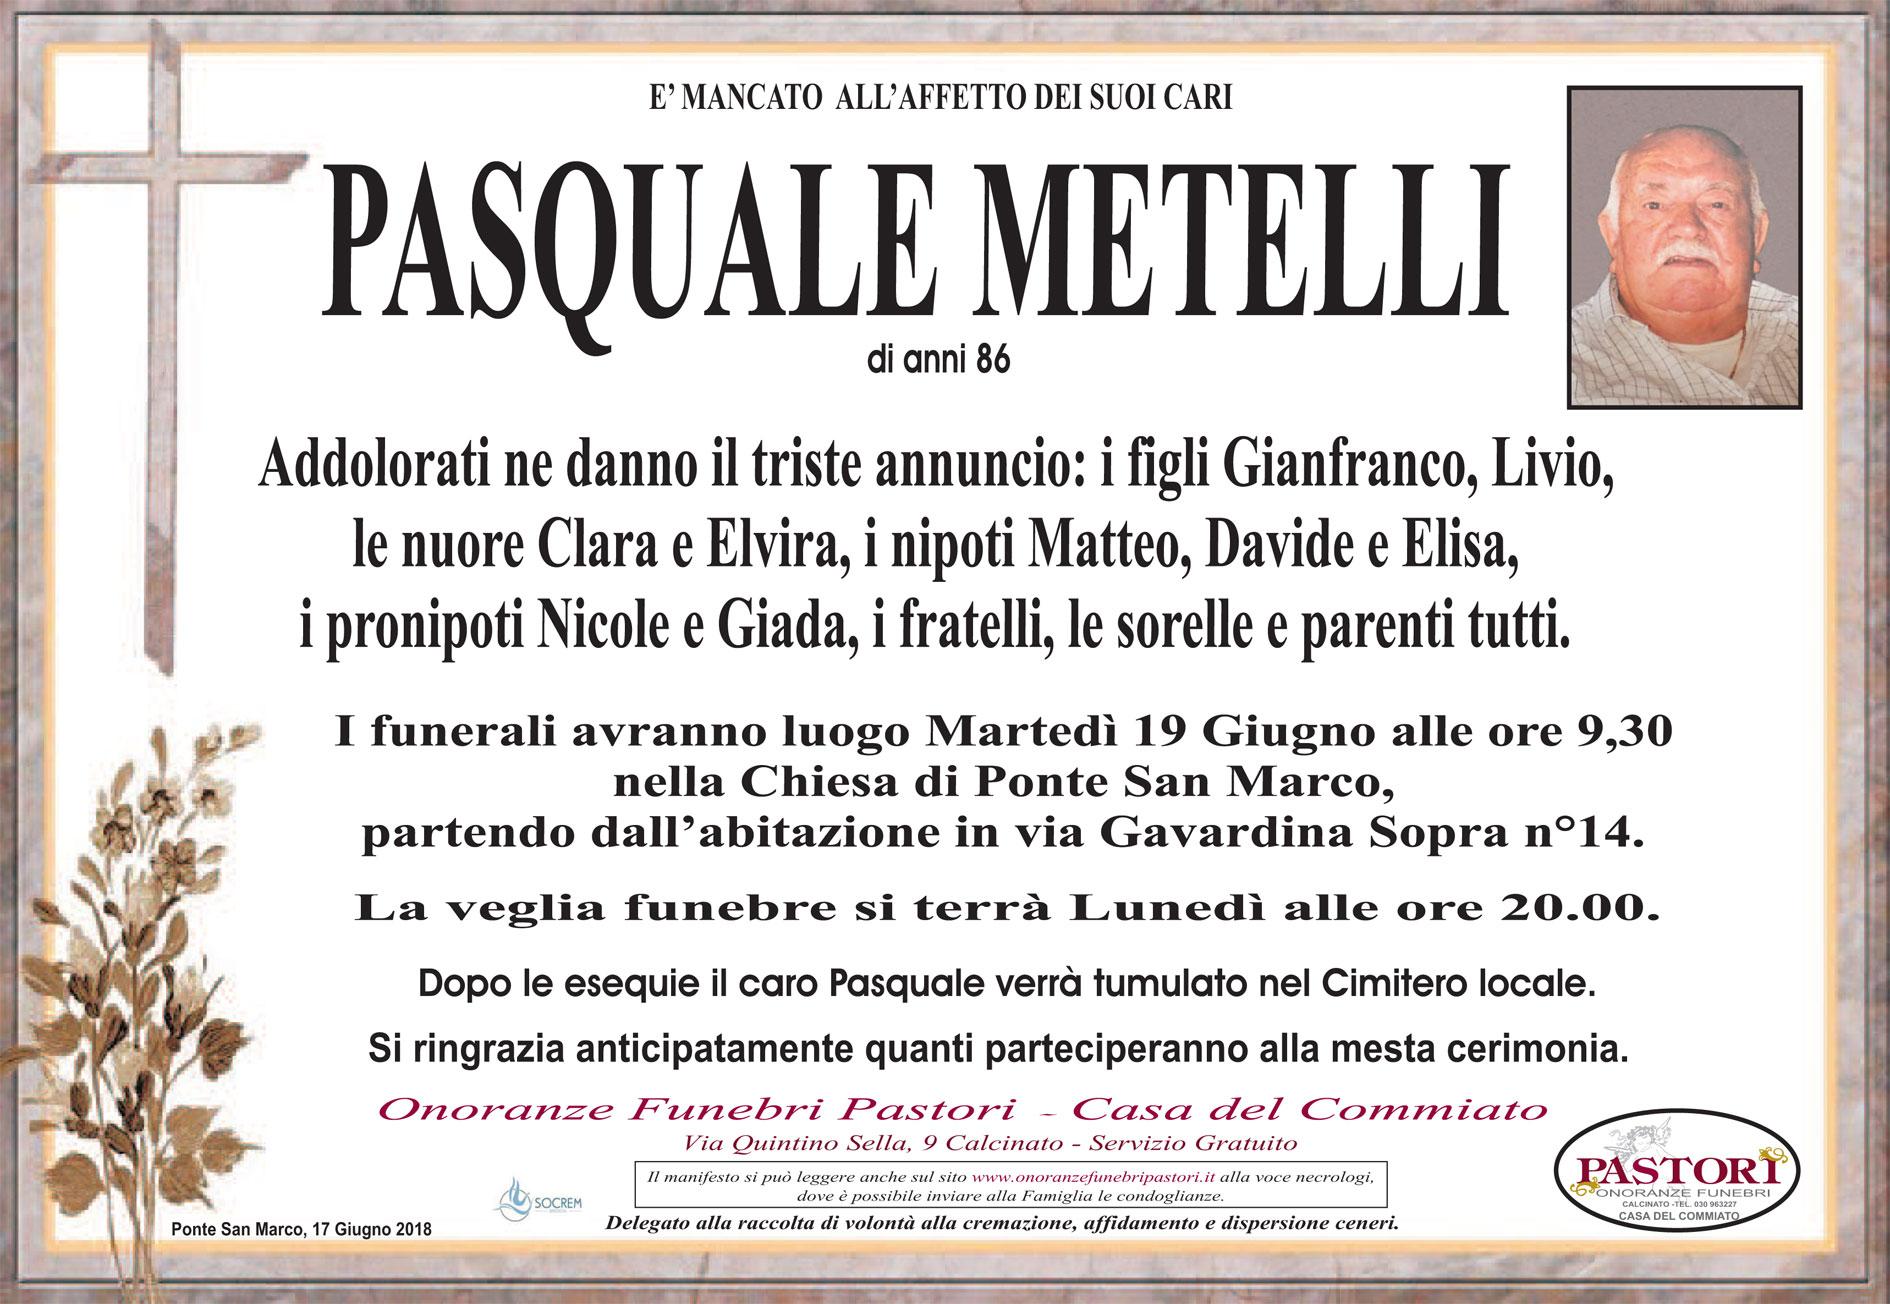 Pasquale Metelli